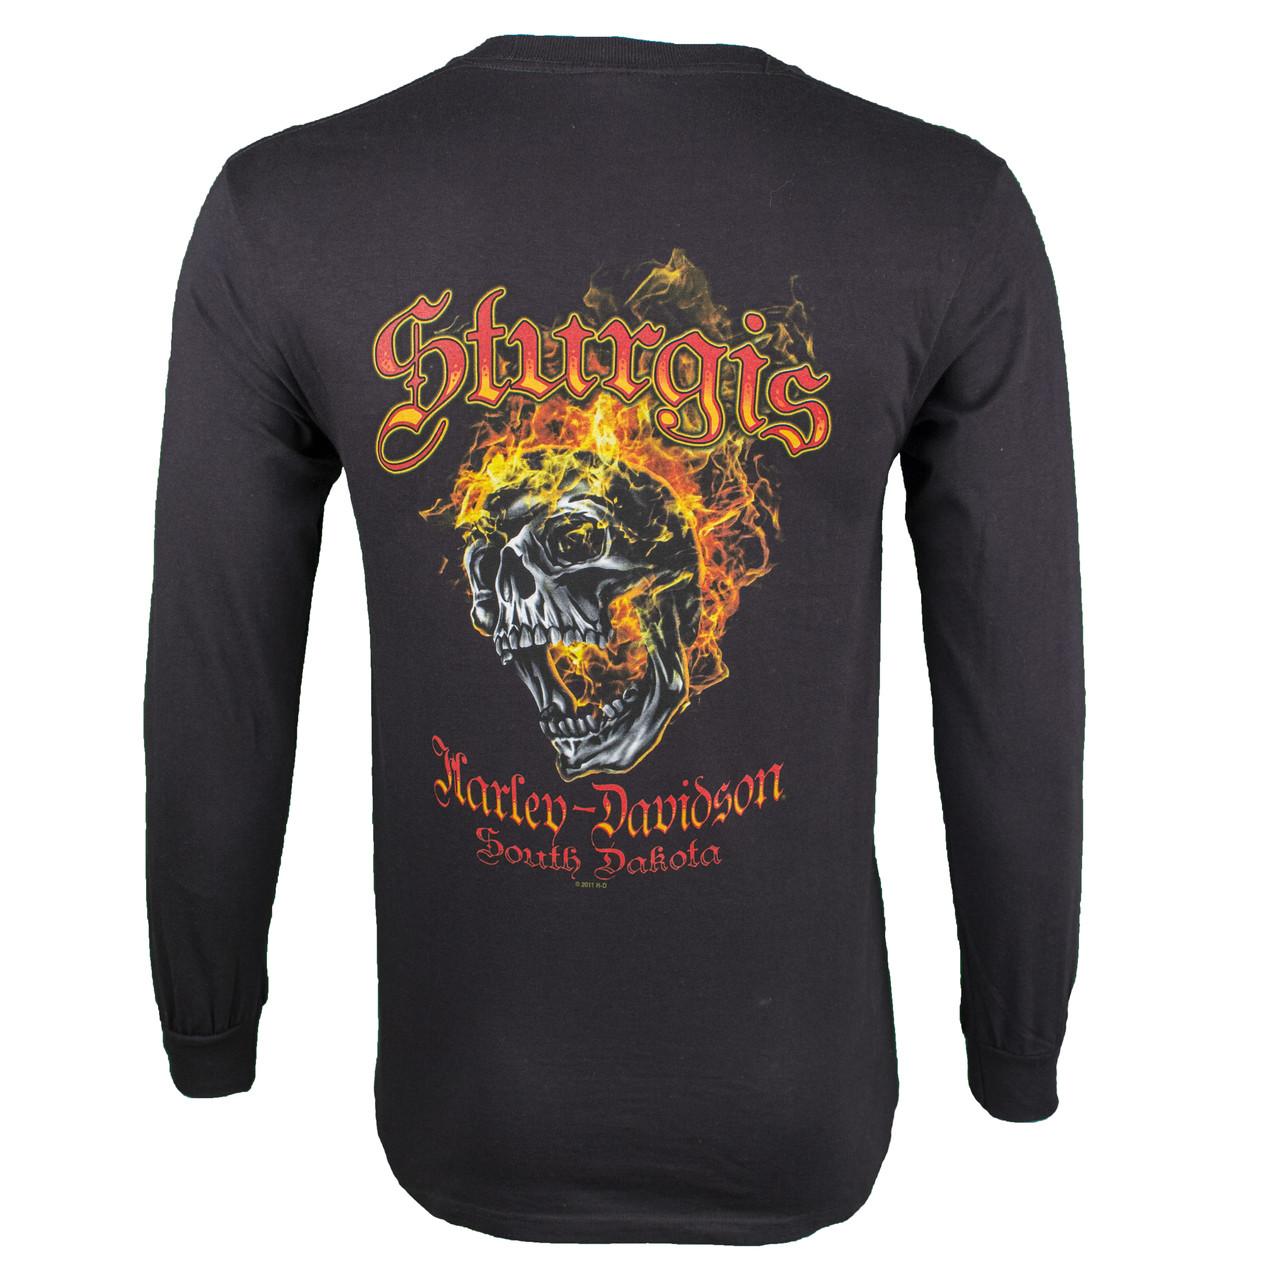 Sturgis Harley-Davidson® Men's Skull Edgy Black Long Sleeve T-Shirt